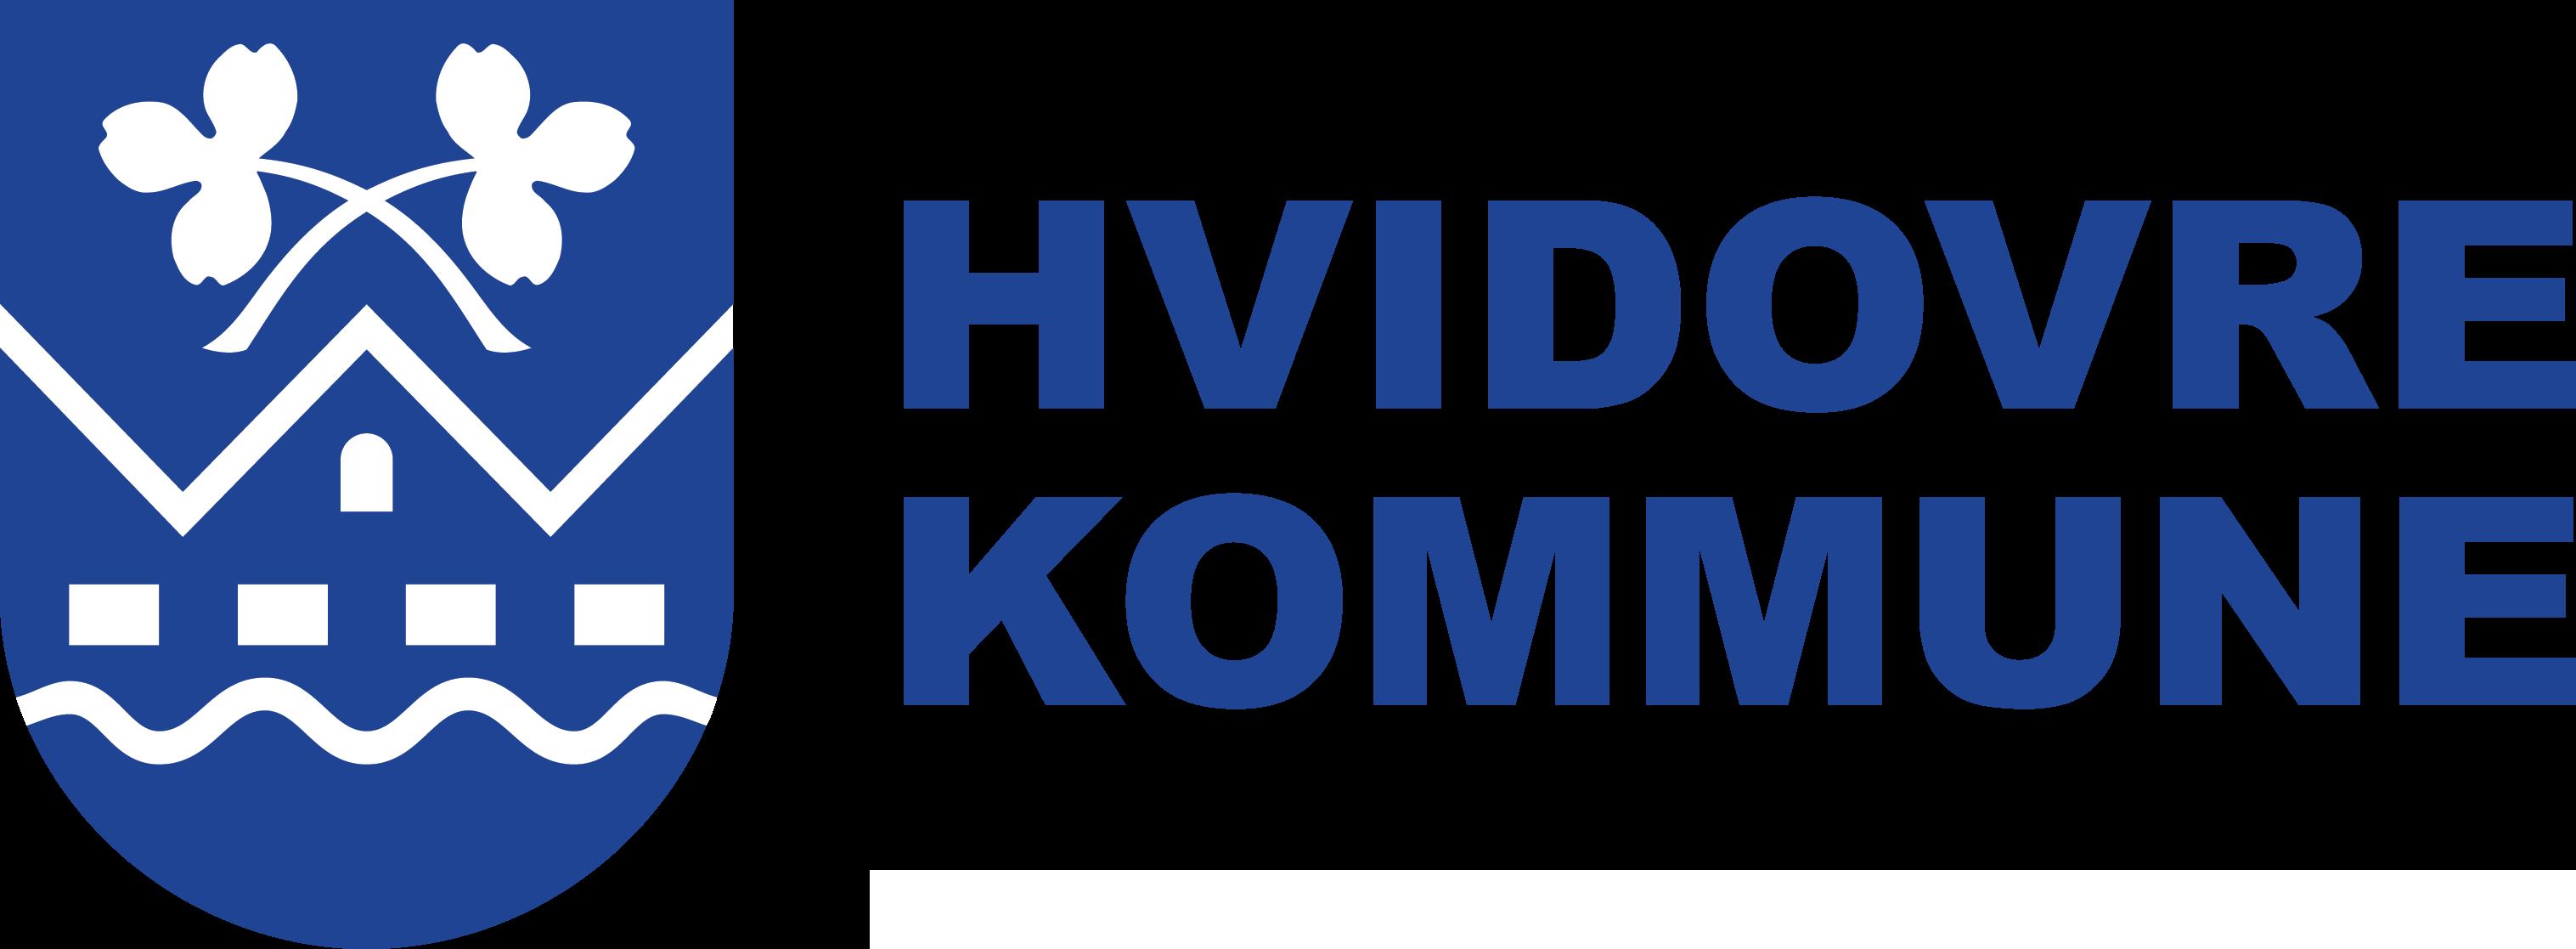 Hvidovre Kommune søger personlig assistent for borgmesteren